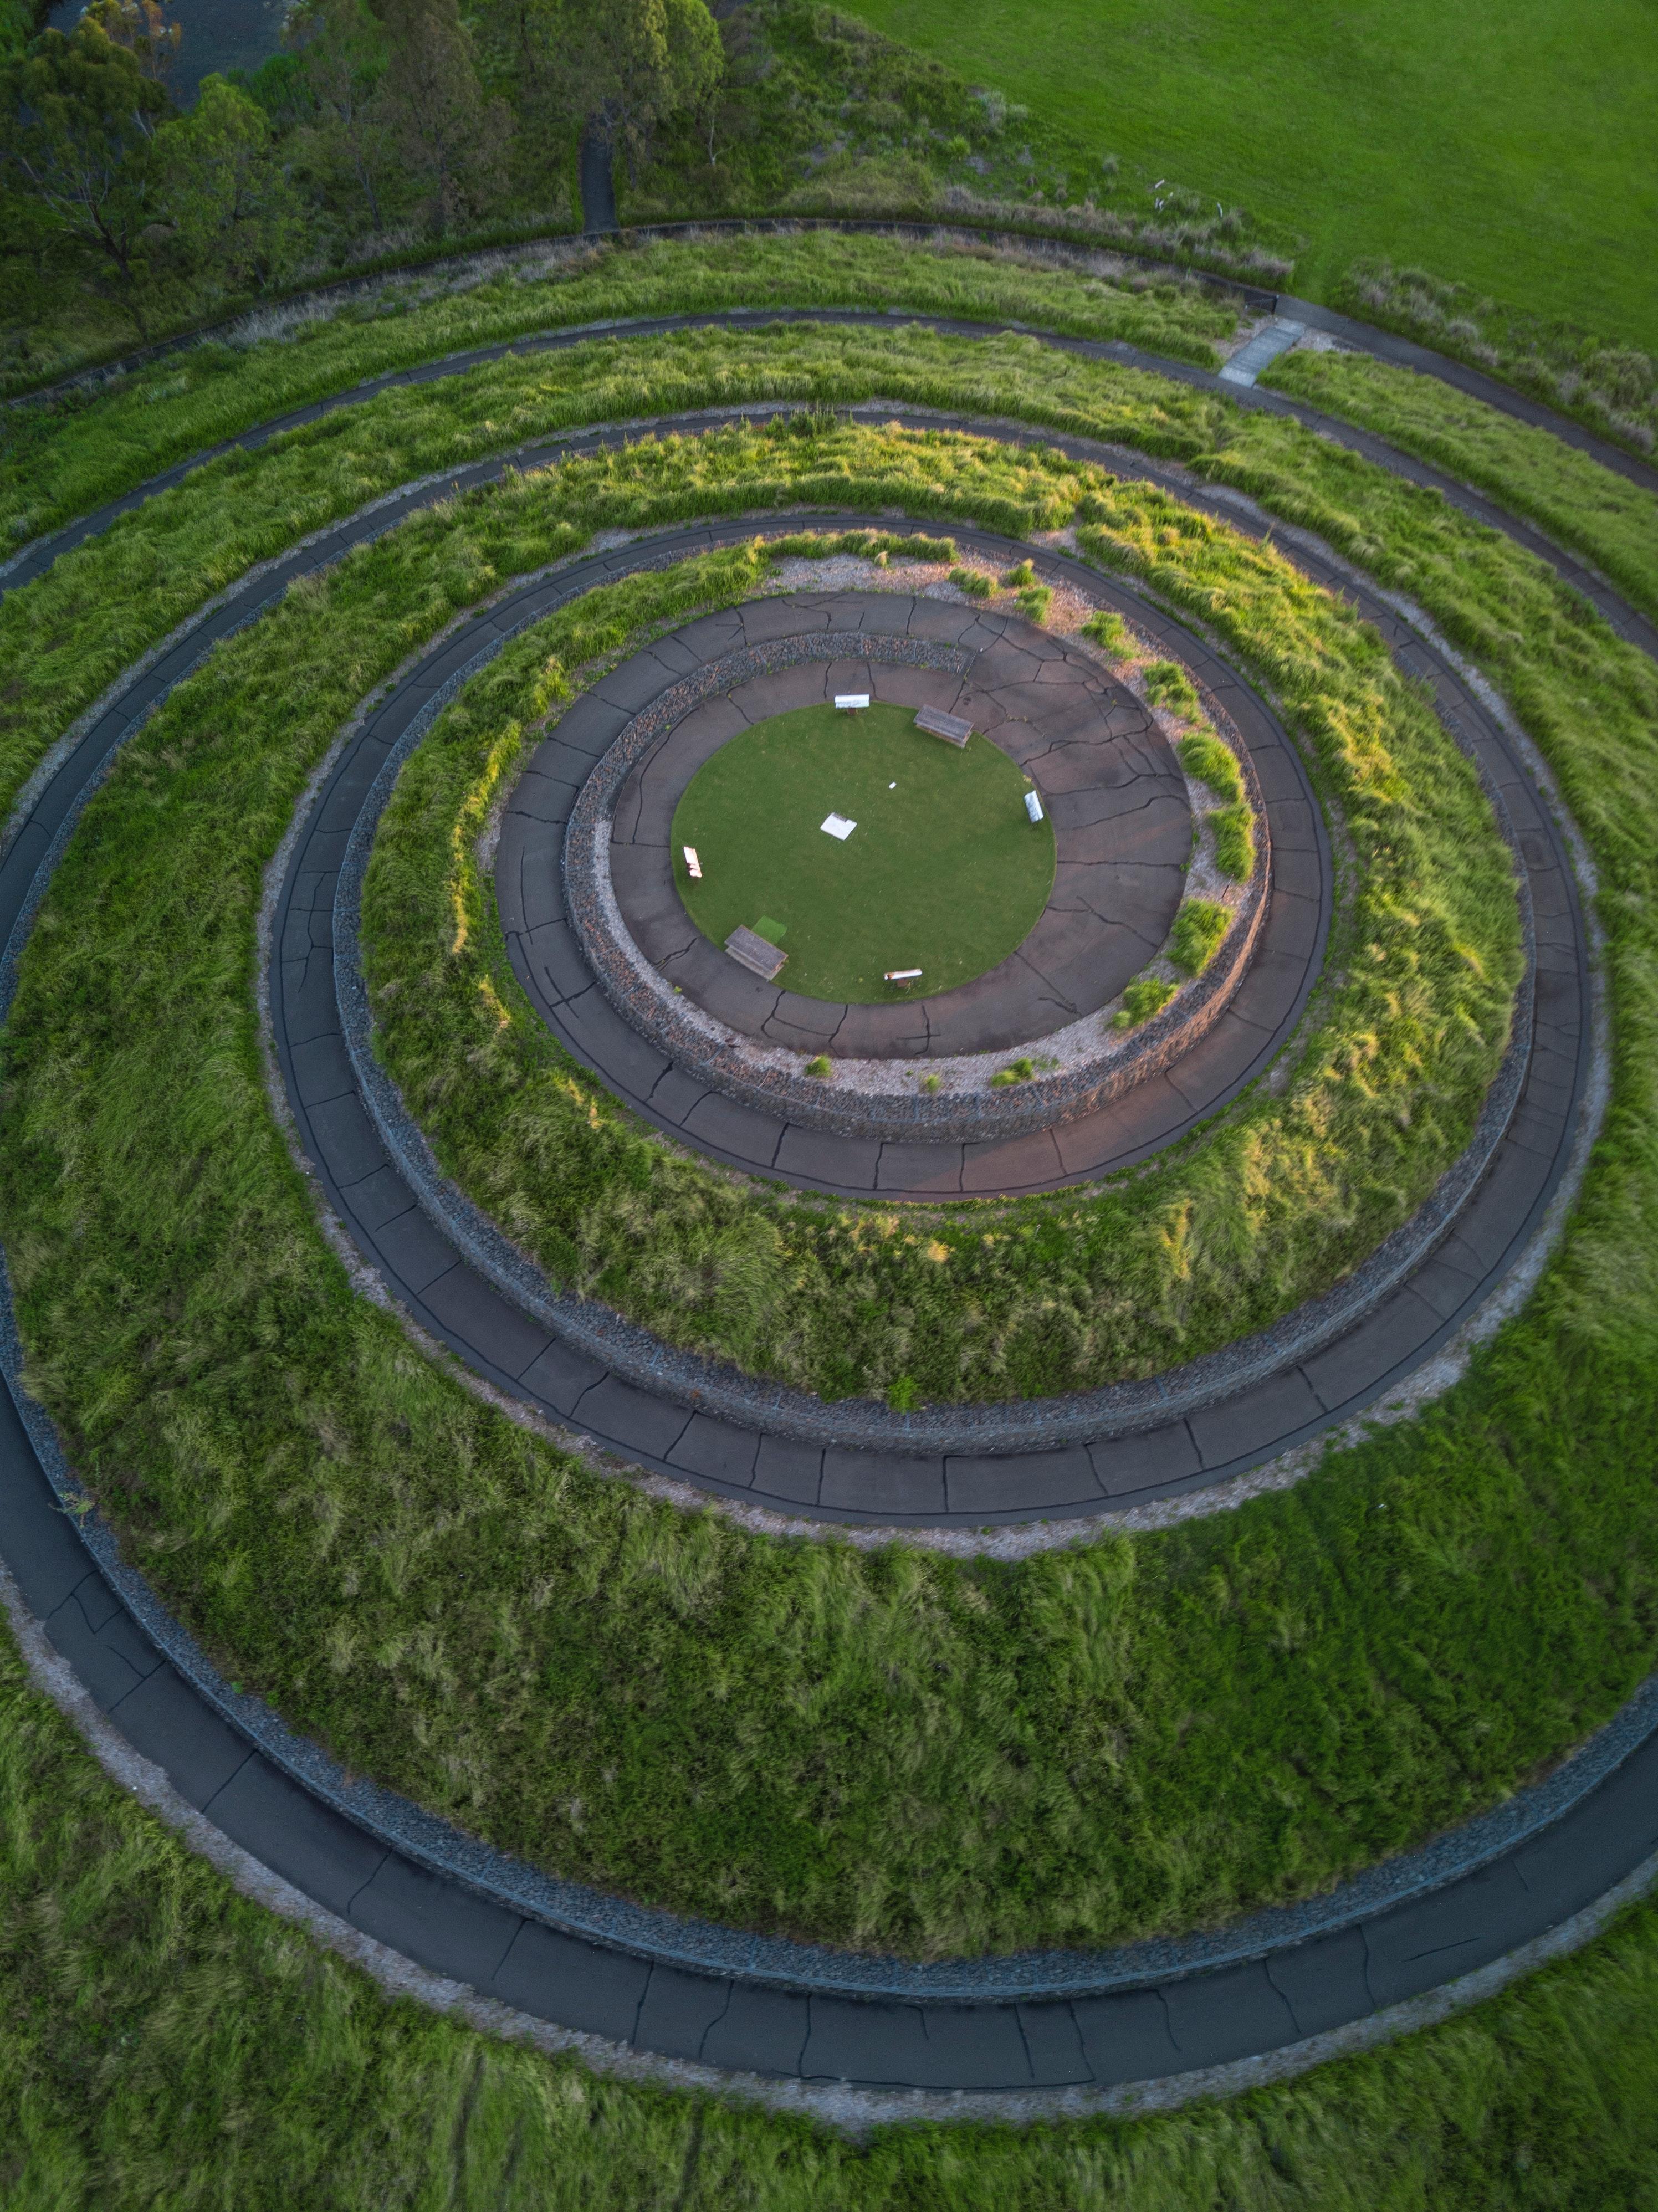 labirint de vedere 0 75 este ceea ce viziune